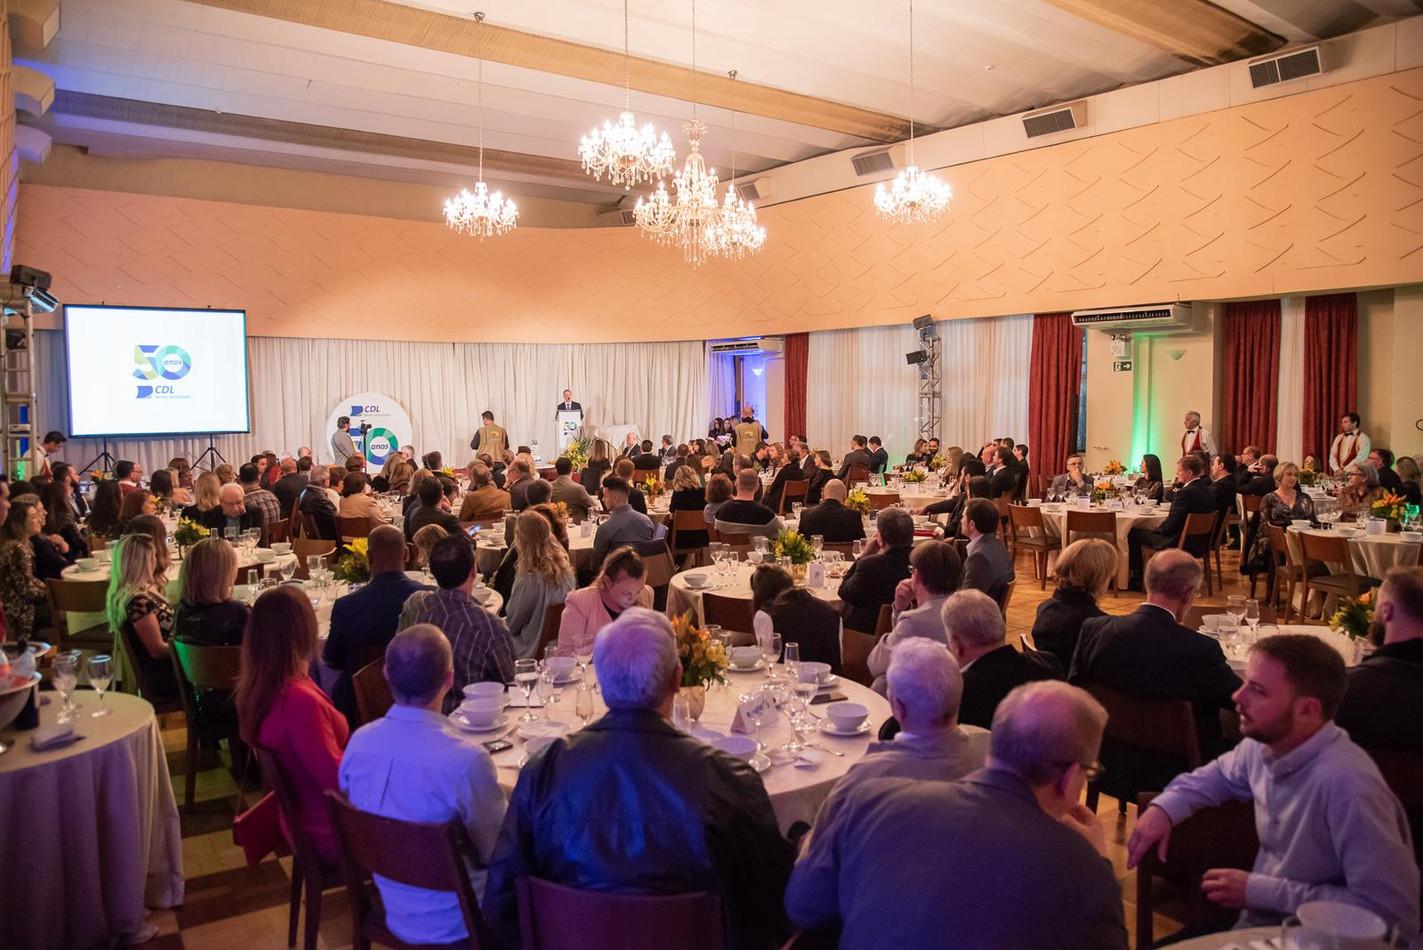 Jantar de comemoração aos 50 anos da CDL-BG